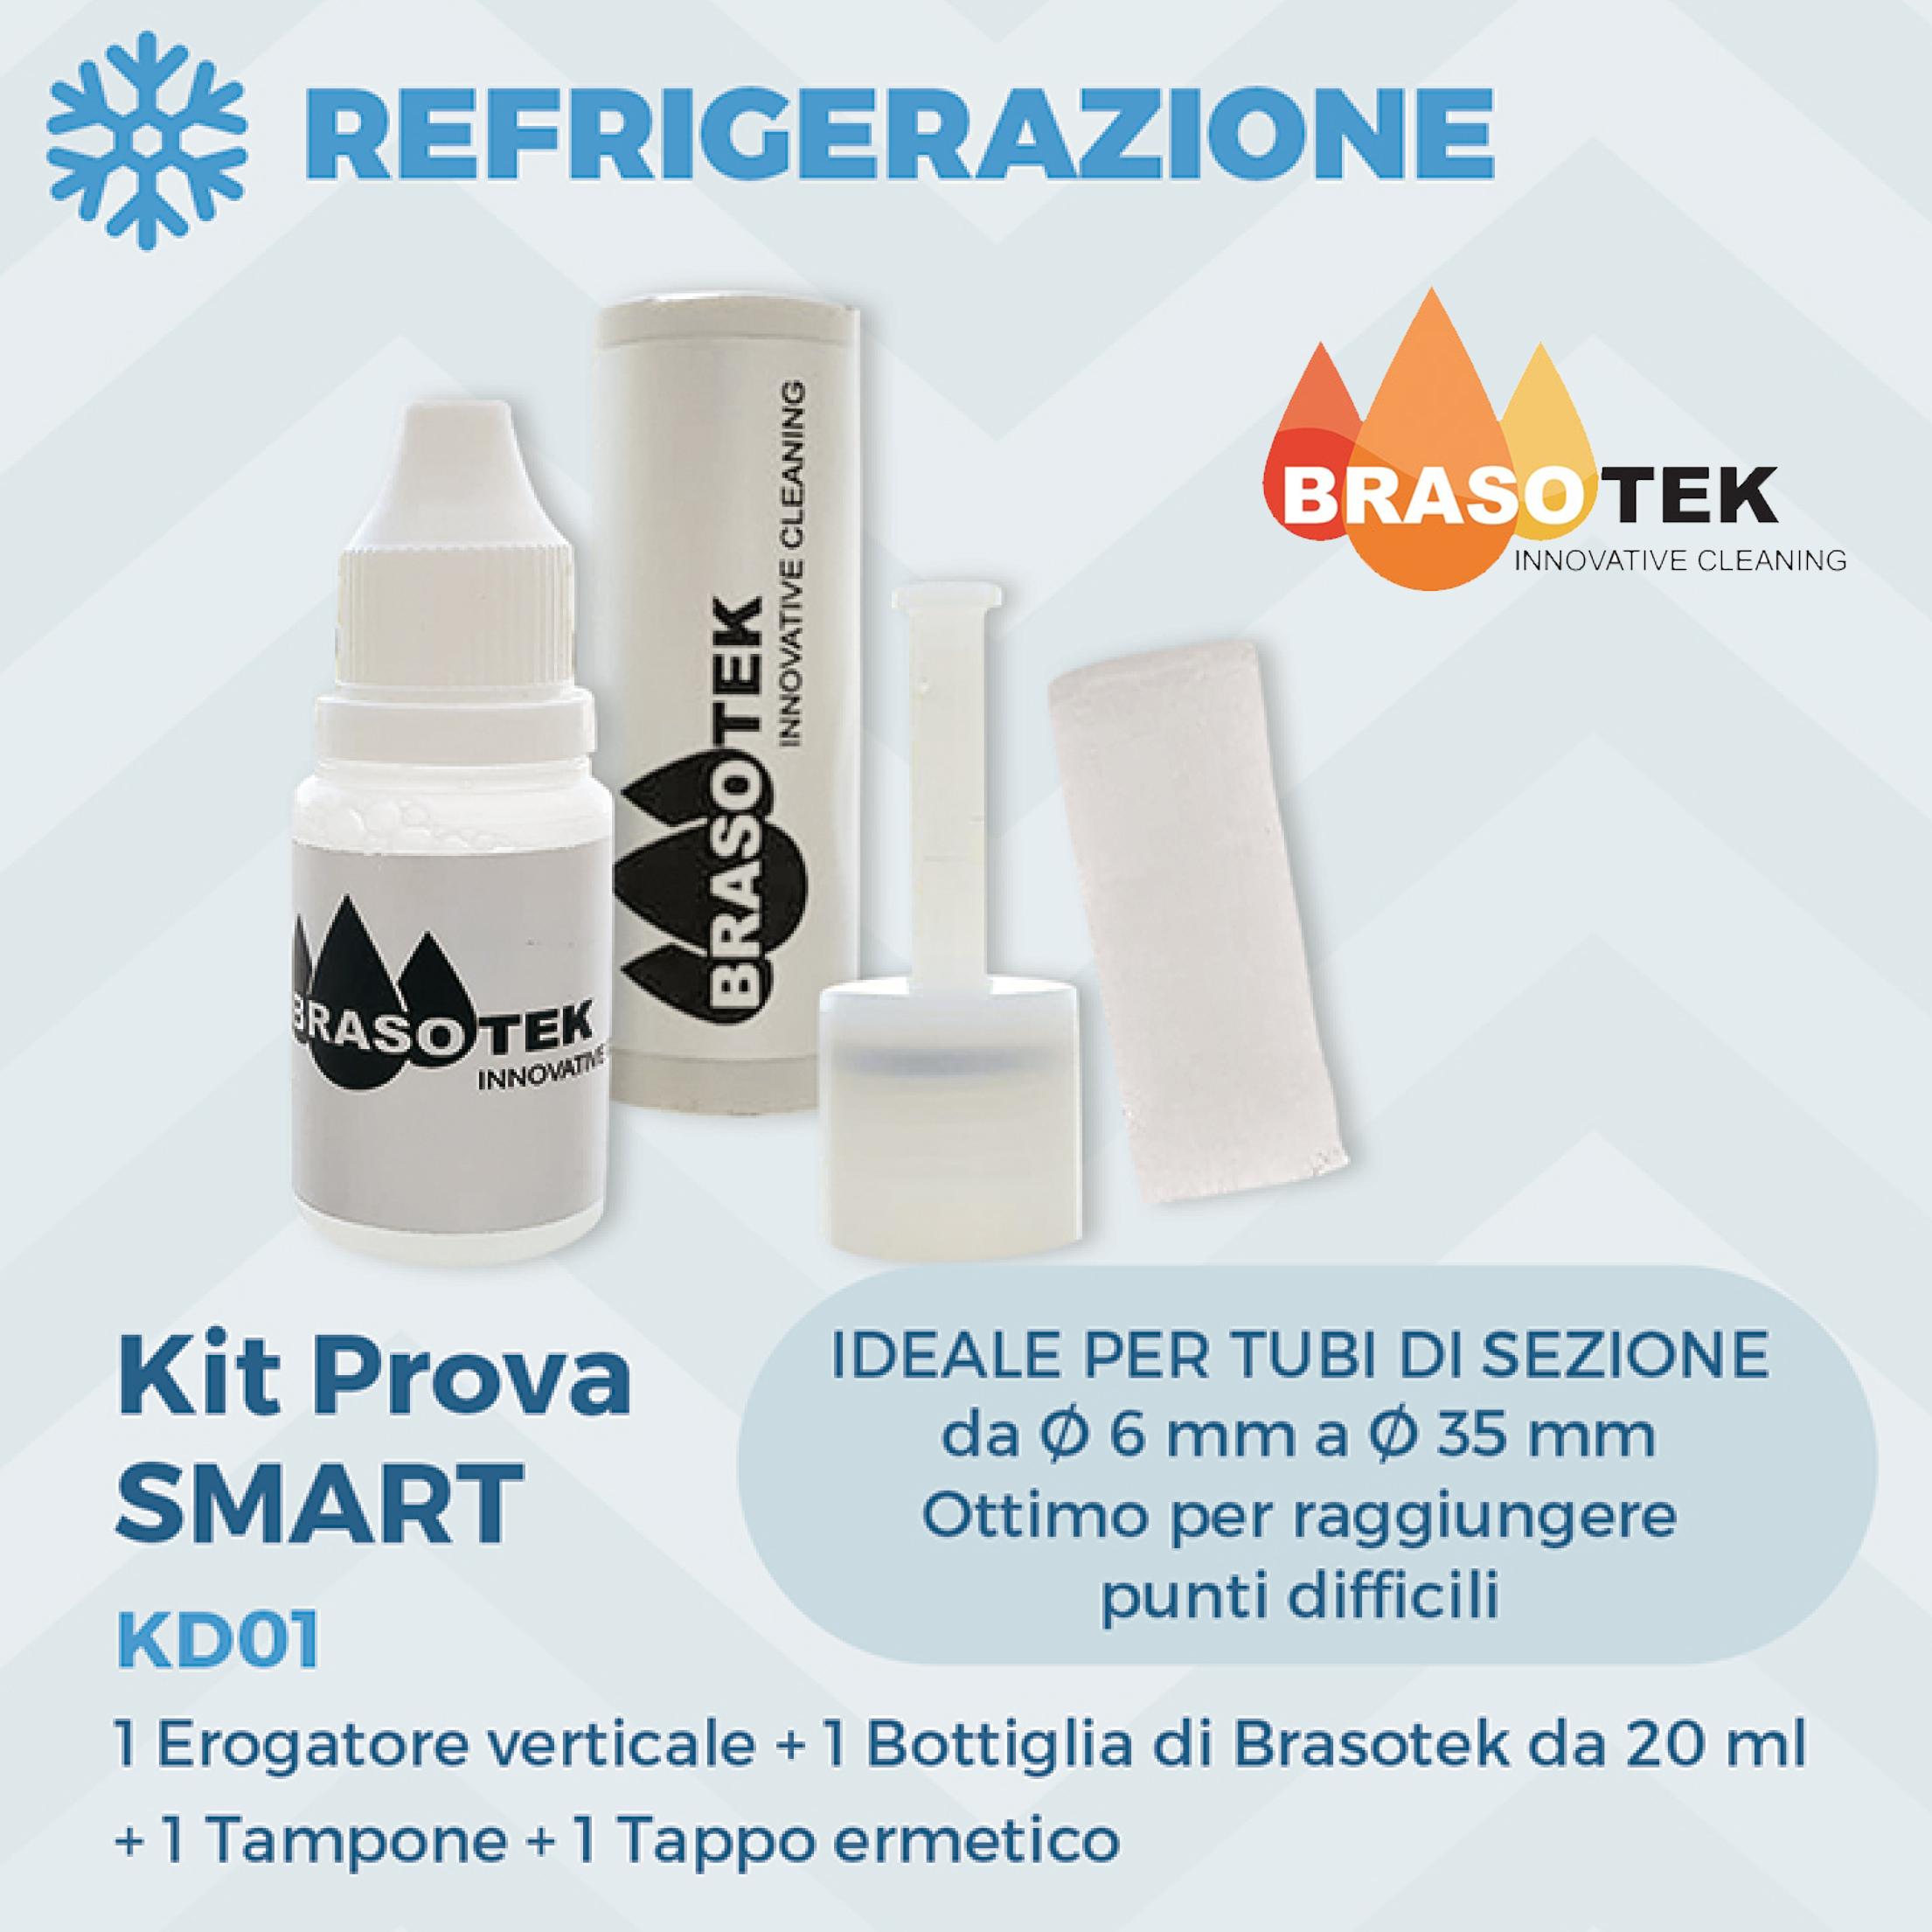 Brasotek - Kit Smart codice KD01 - Composto da 1 flacone da 20 ml, erogatore verticale, tampone, tappo ermetico - adatto per tubi diametro da 6 a 35 mm.